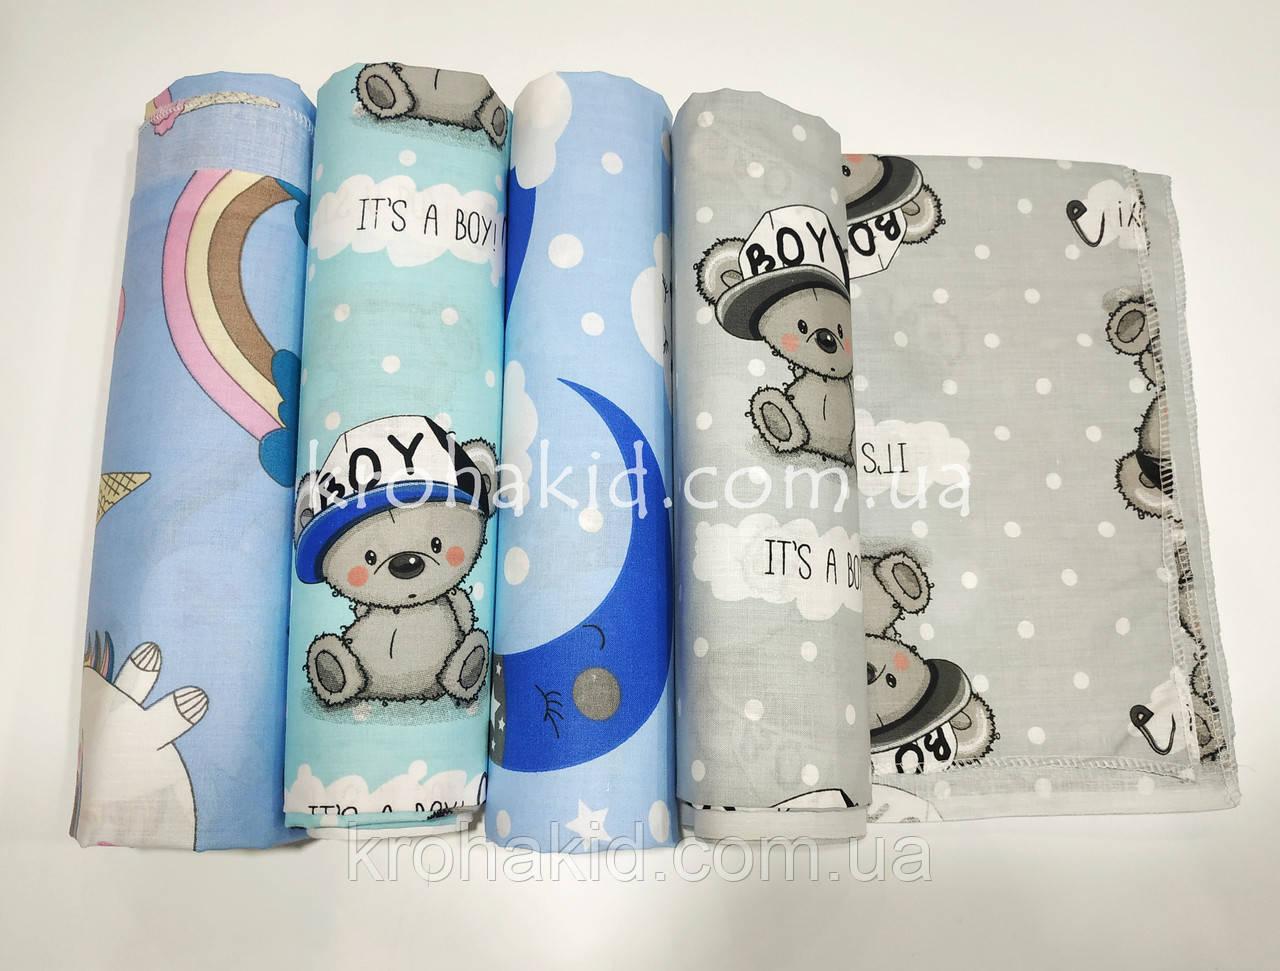 Набор пеленок бязь (4 шт) для мальчика  - 90 х 110 см / набор пеленок  из хлопка для мальчика - 4 шт в наборе